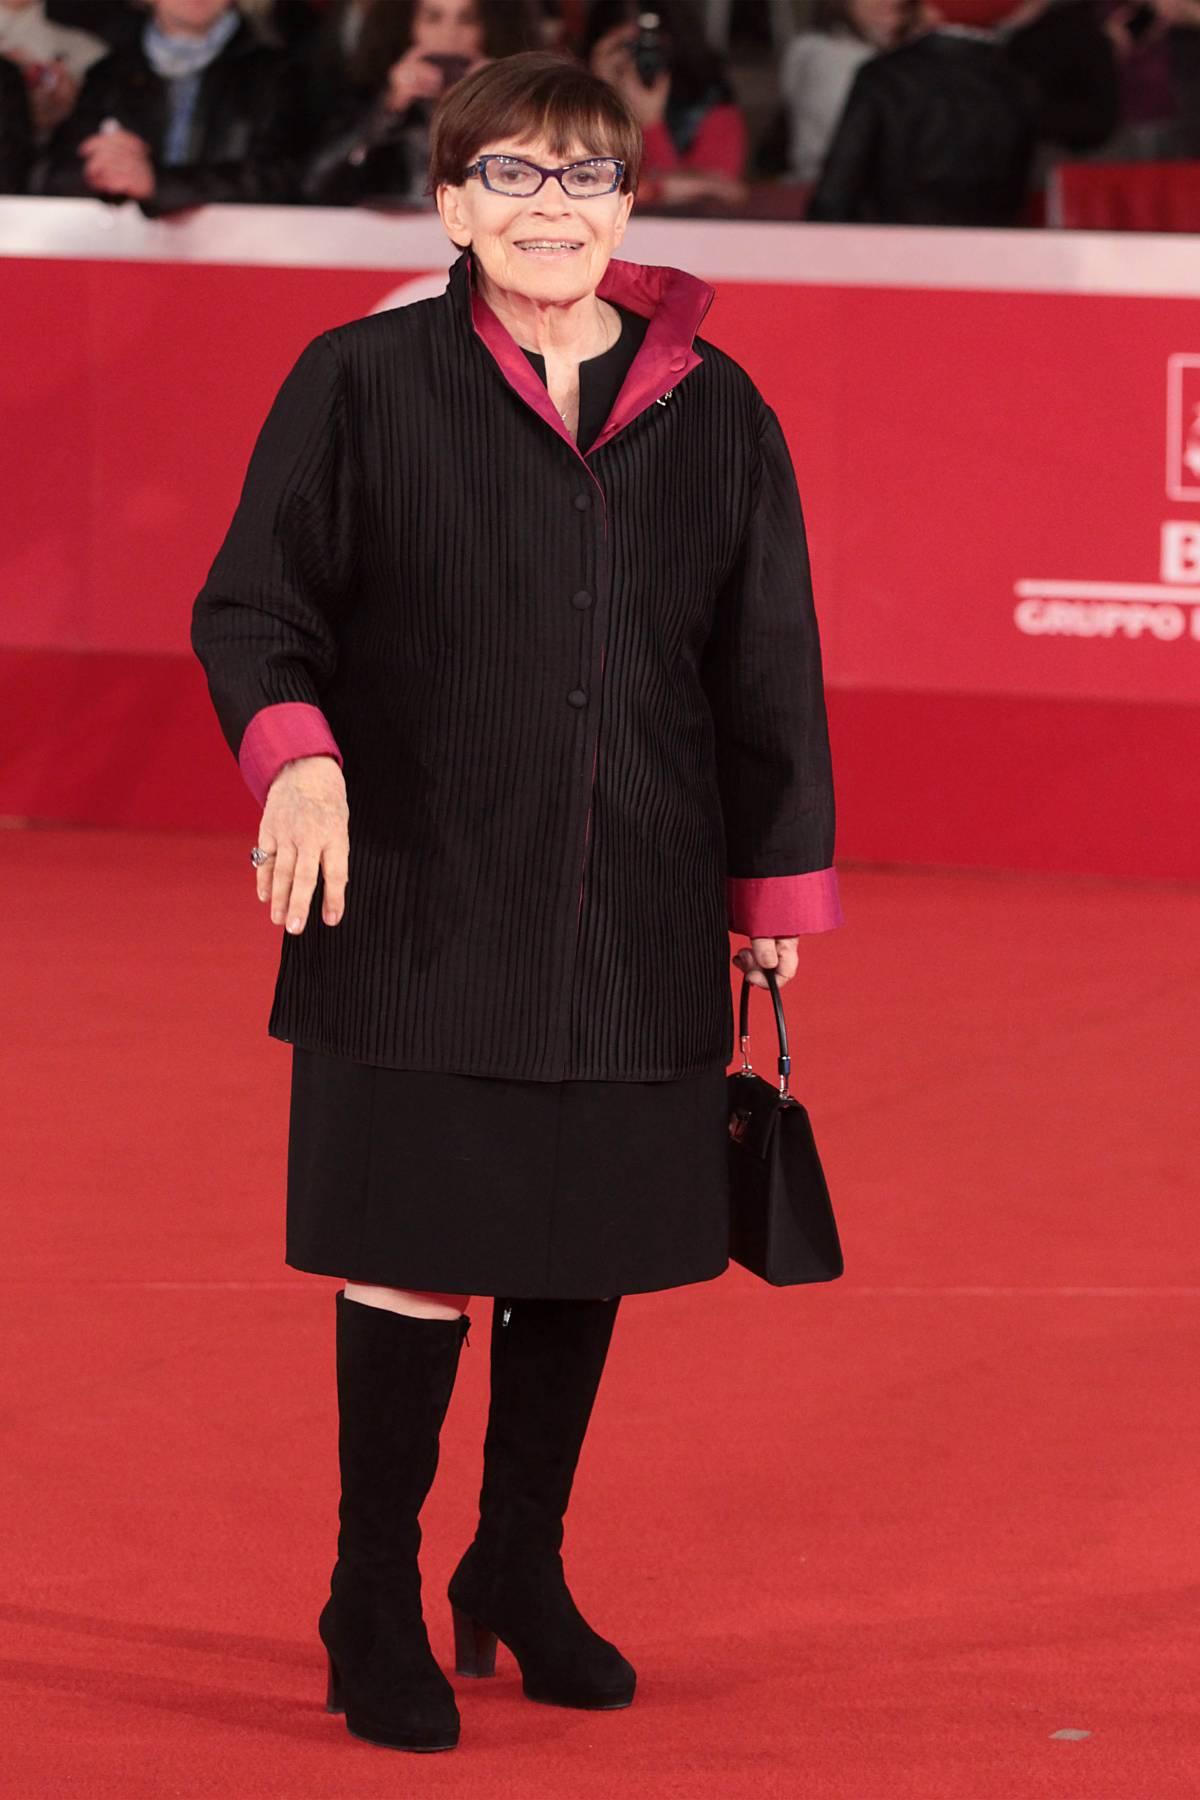 """Franca Valeri, un """"David"""" a cento anni L'attrice simbolo che fu criticata dalle femministe"""